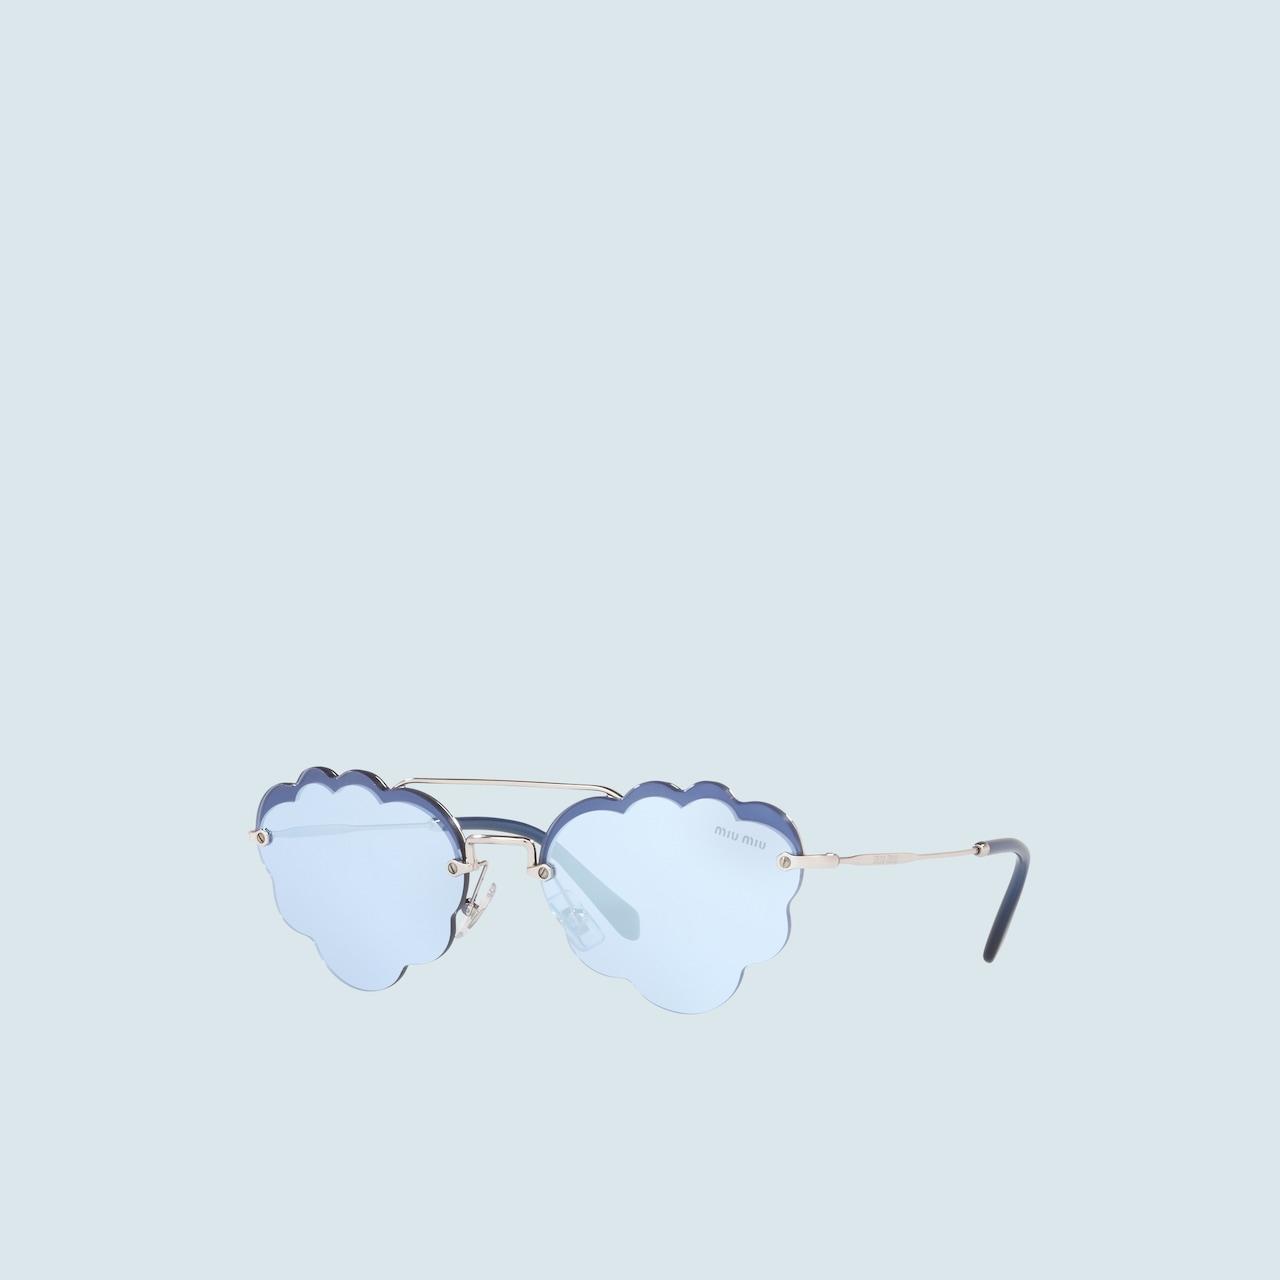 5635758bad Miu Miu Cloud frames